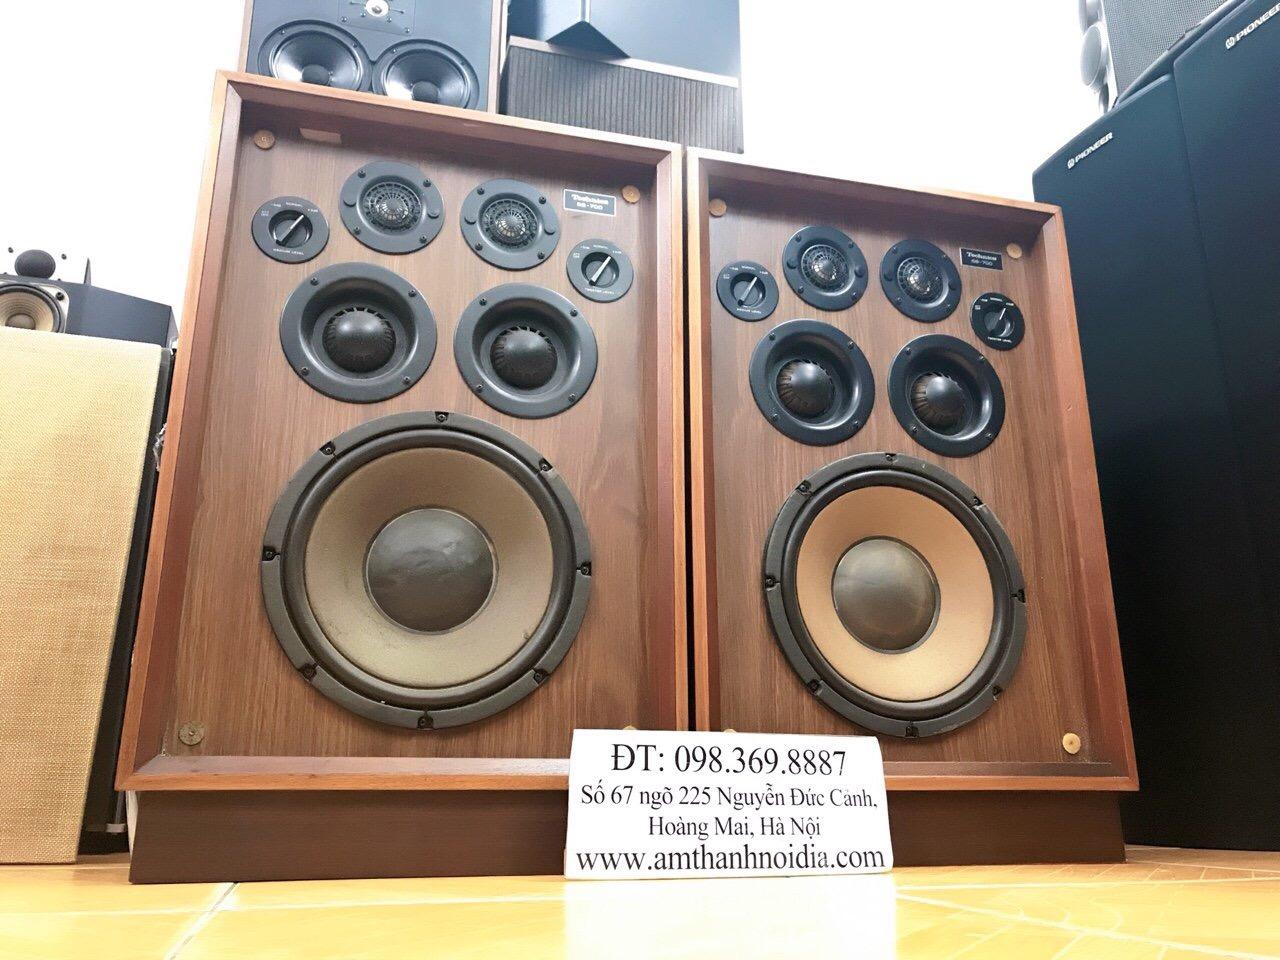 5 Loa cổ Technics SB700 thùng 5 loa nghe nhạc vàng tuyệt hay